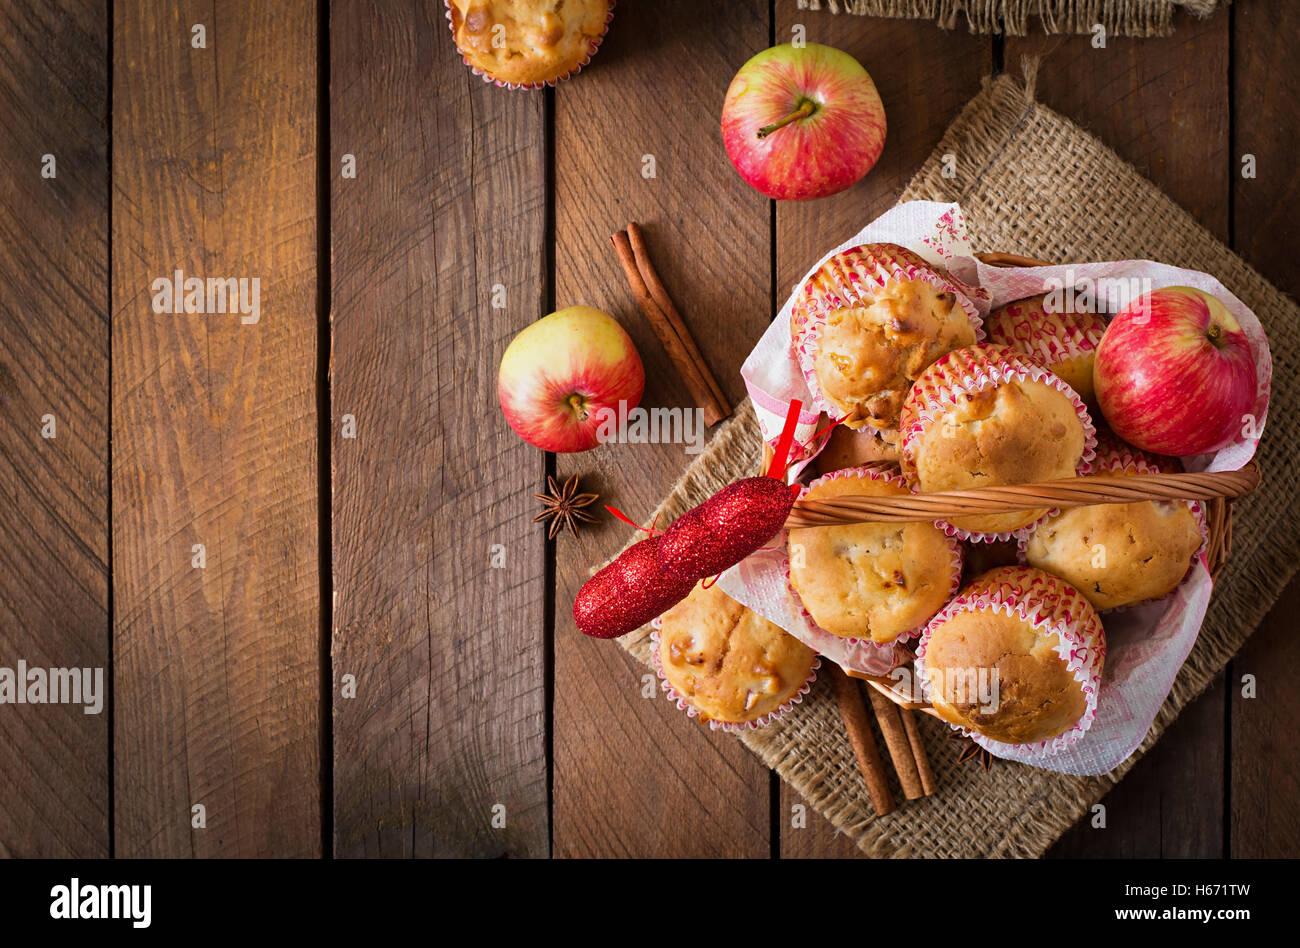 Deliciosos muffins con manzana y canela en la cesta sobre un fondo de madera. Vista superior Imagen De Stock